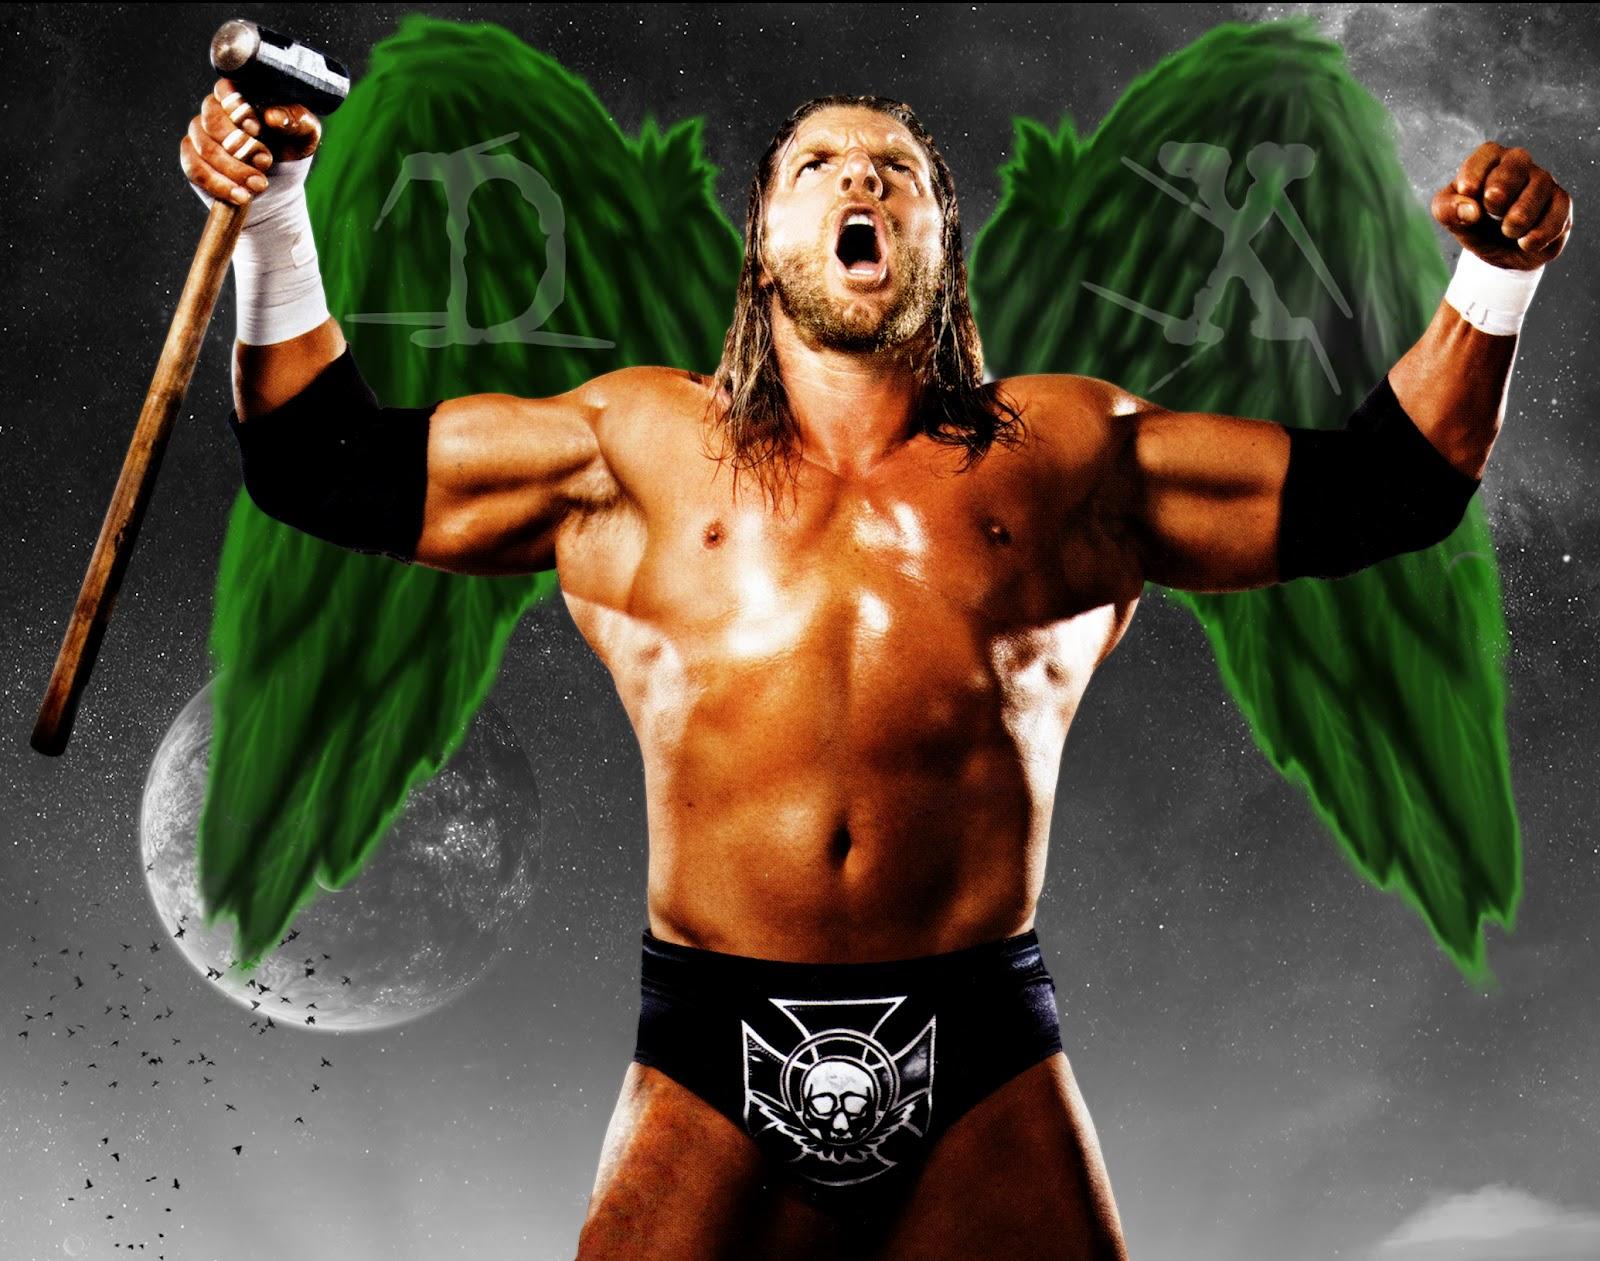 Triple H best wwe wallpapers ~ WWE Superstars,WWE wallpapers,WWE ...